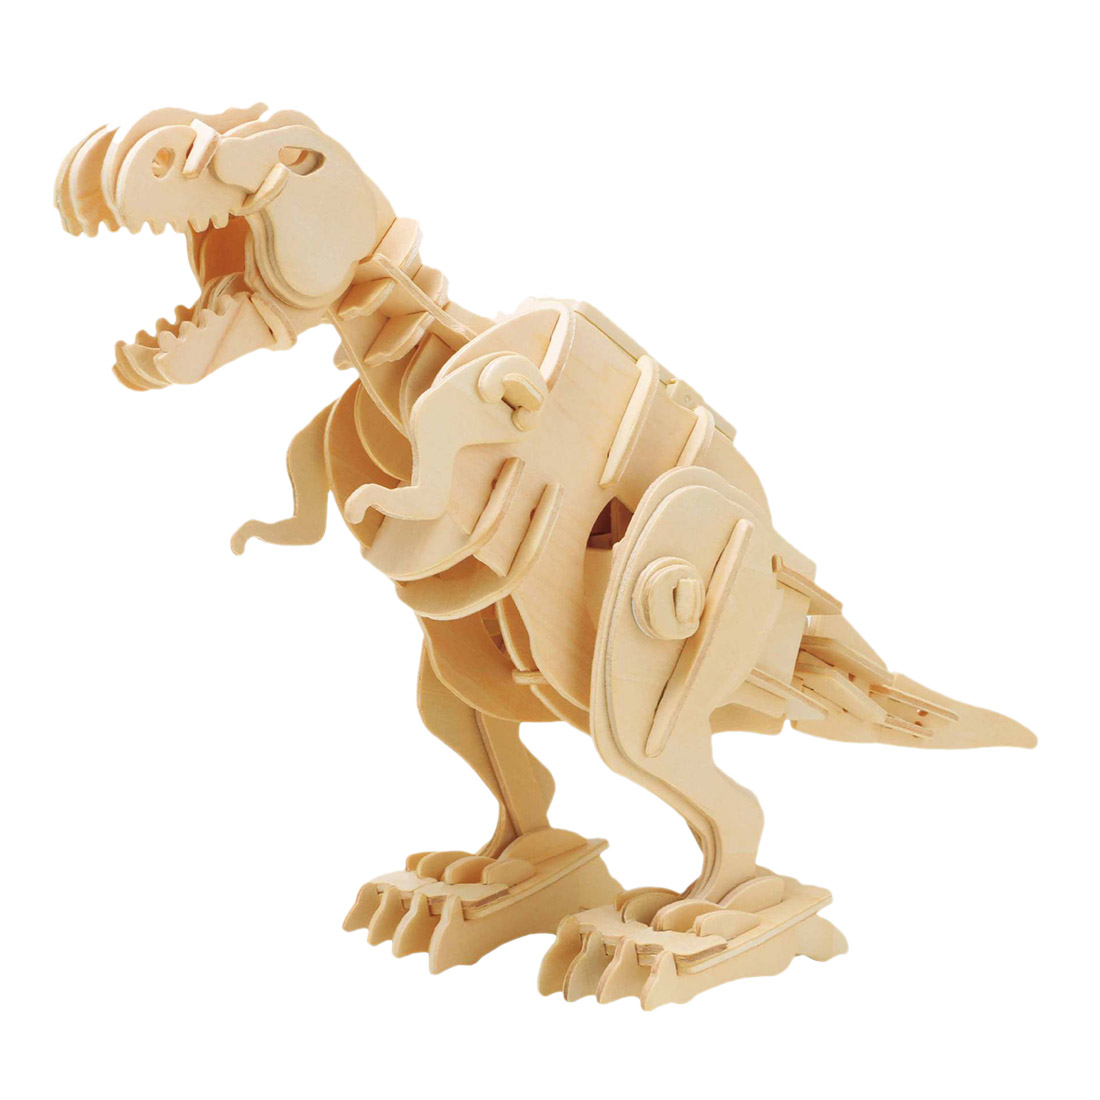 Robotime Sound Control Walking T-Rex 3D Montage DIY Modell Gebäude Kits Dampf Stem Spielzeug Geschenk Für Kinder